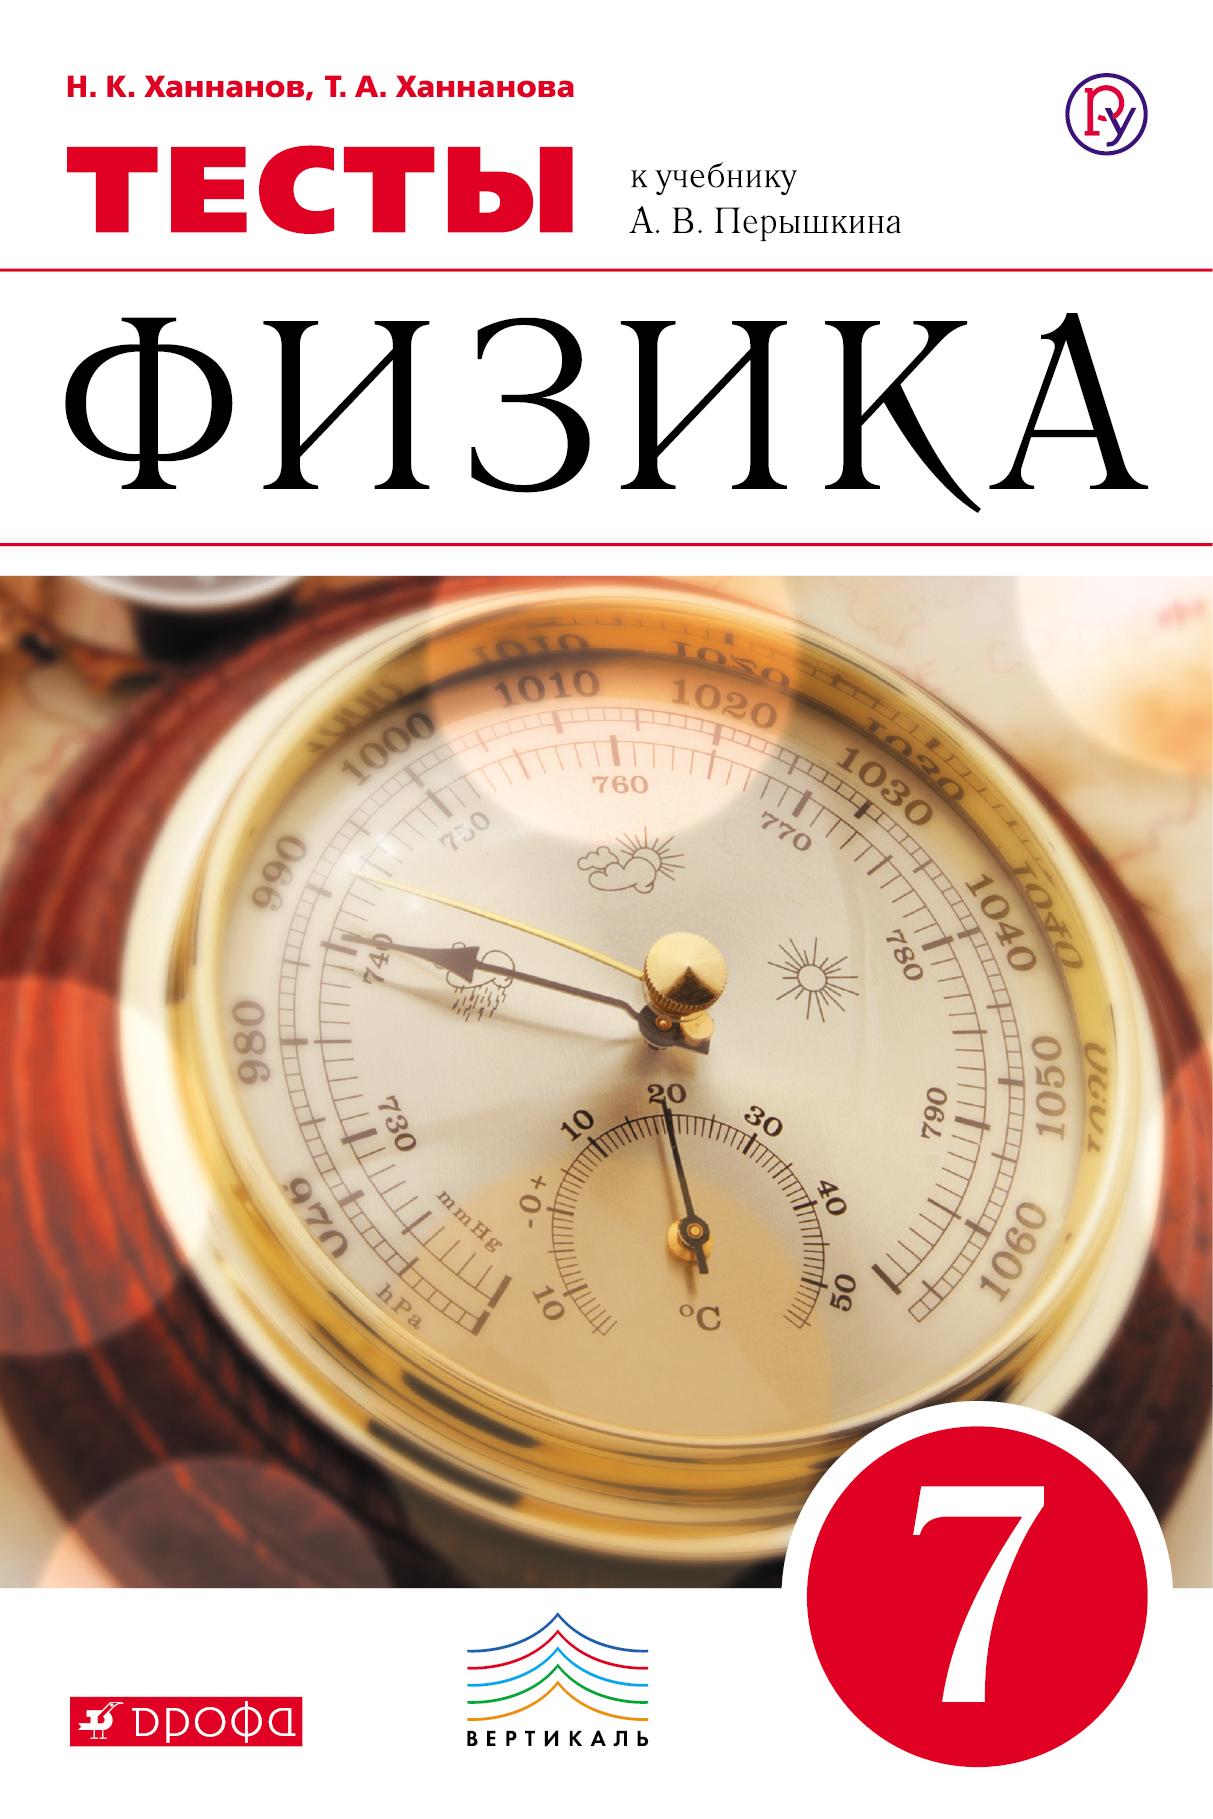 Н. К. Ханнанов, Т. А. Ханнанова Физика. 7 класс. Тесты к учебнику А. В. Перышкина н к ханнанов т а ханнанова физика 9 класс тесты